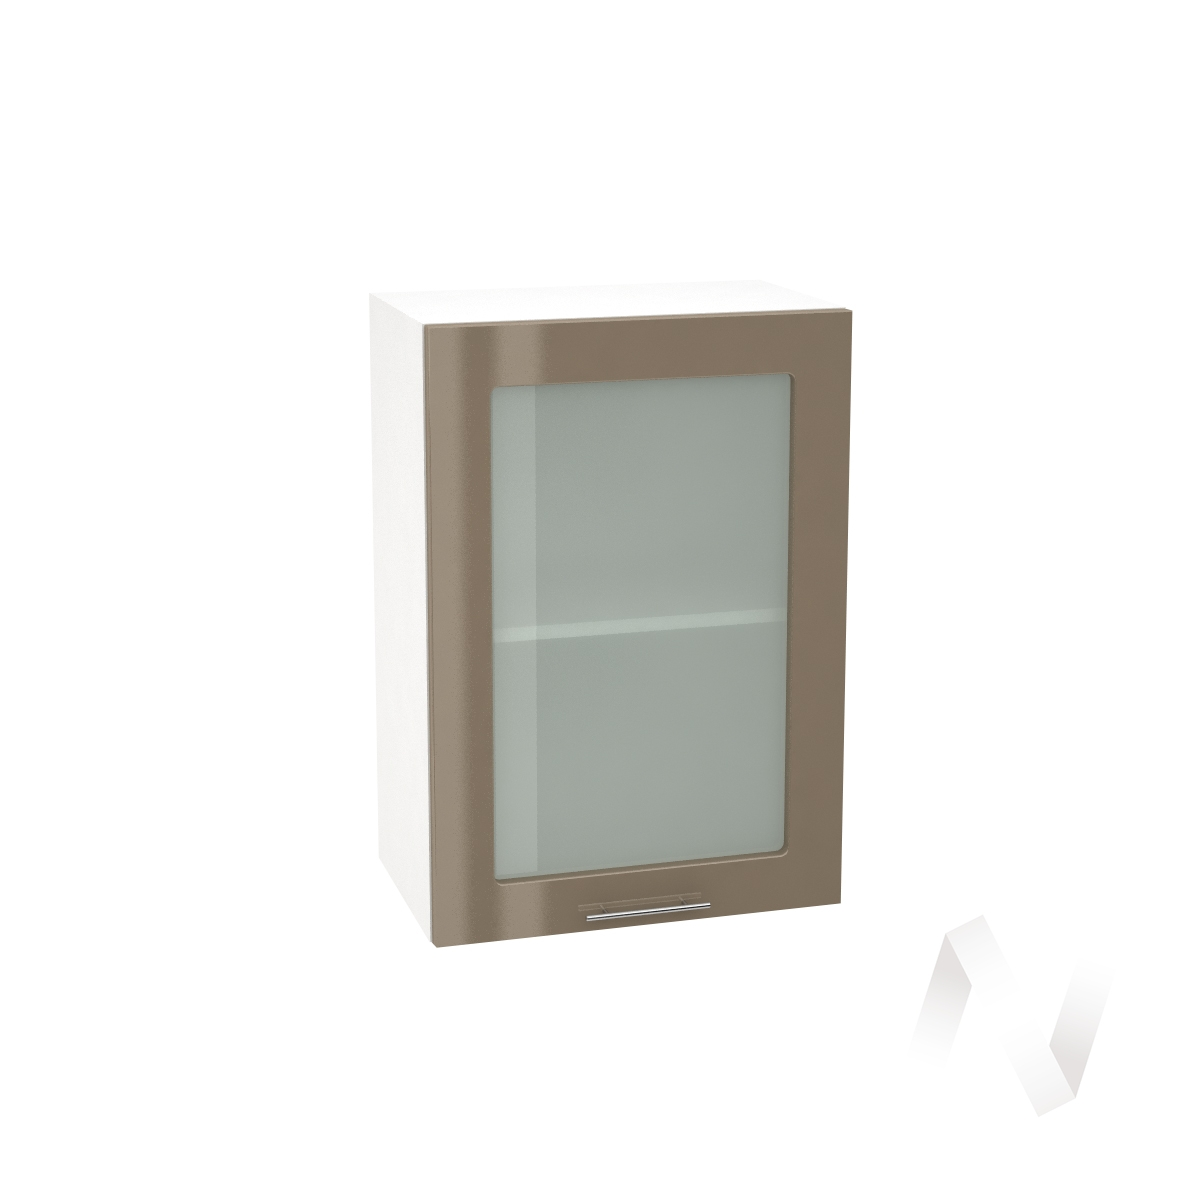 """Кухня """"Валерия-М"""":Шкаф верхний со стеклом 500,ШВС 500 (Капучино глянец/корпус белый)"""